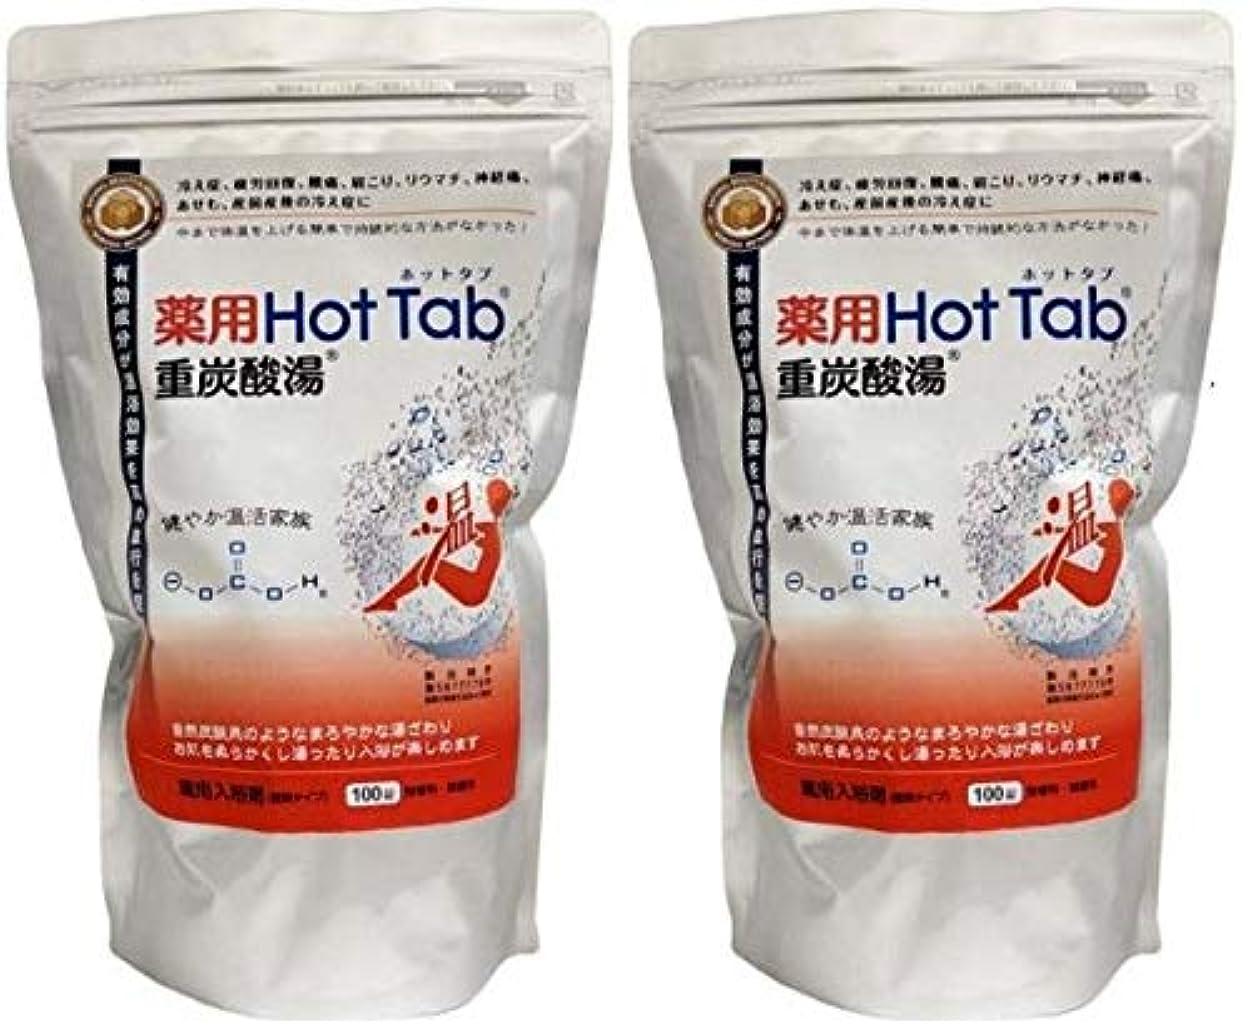 悪意許可する接地薬用HotTab重炭酸湯100錠入り 2個セット [医薬部外品]